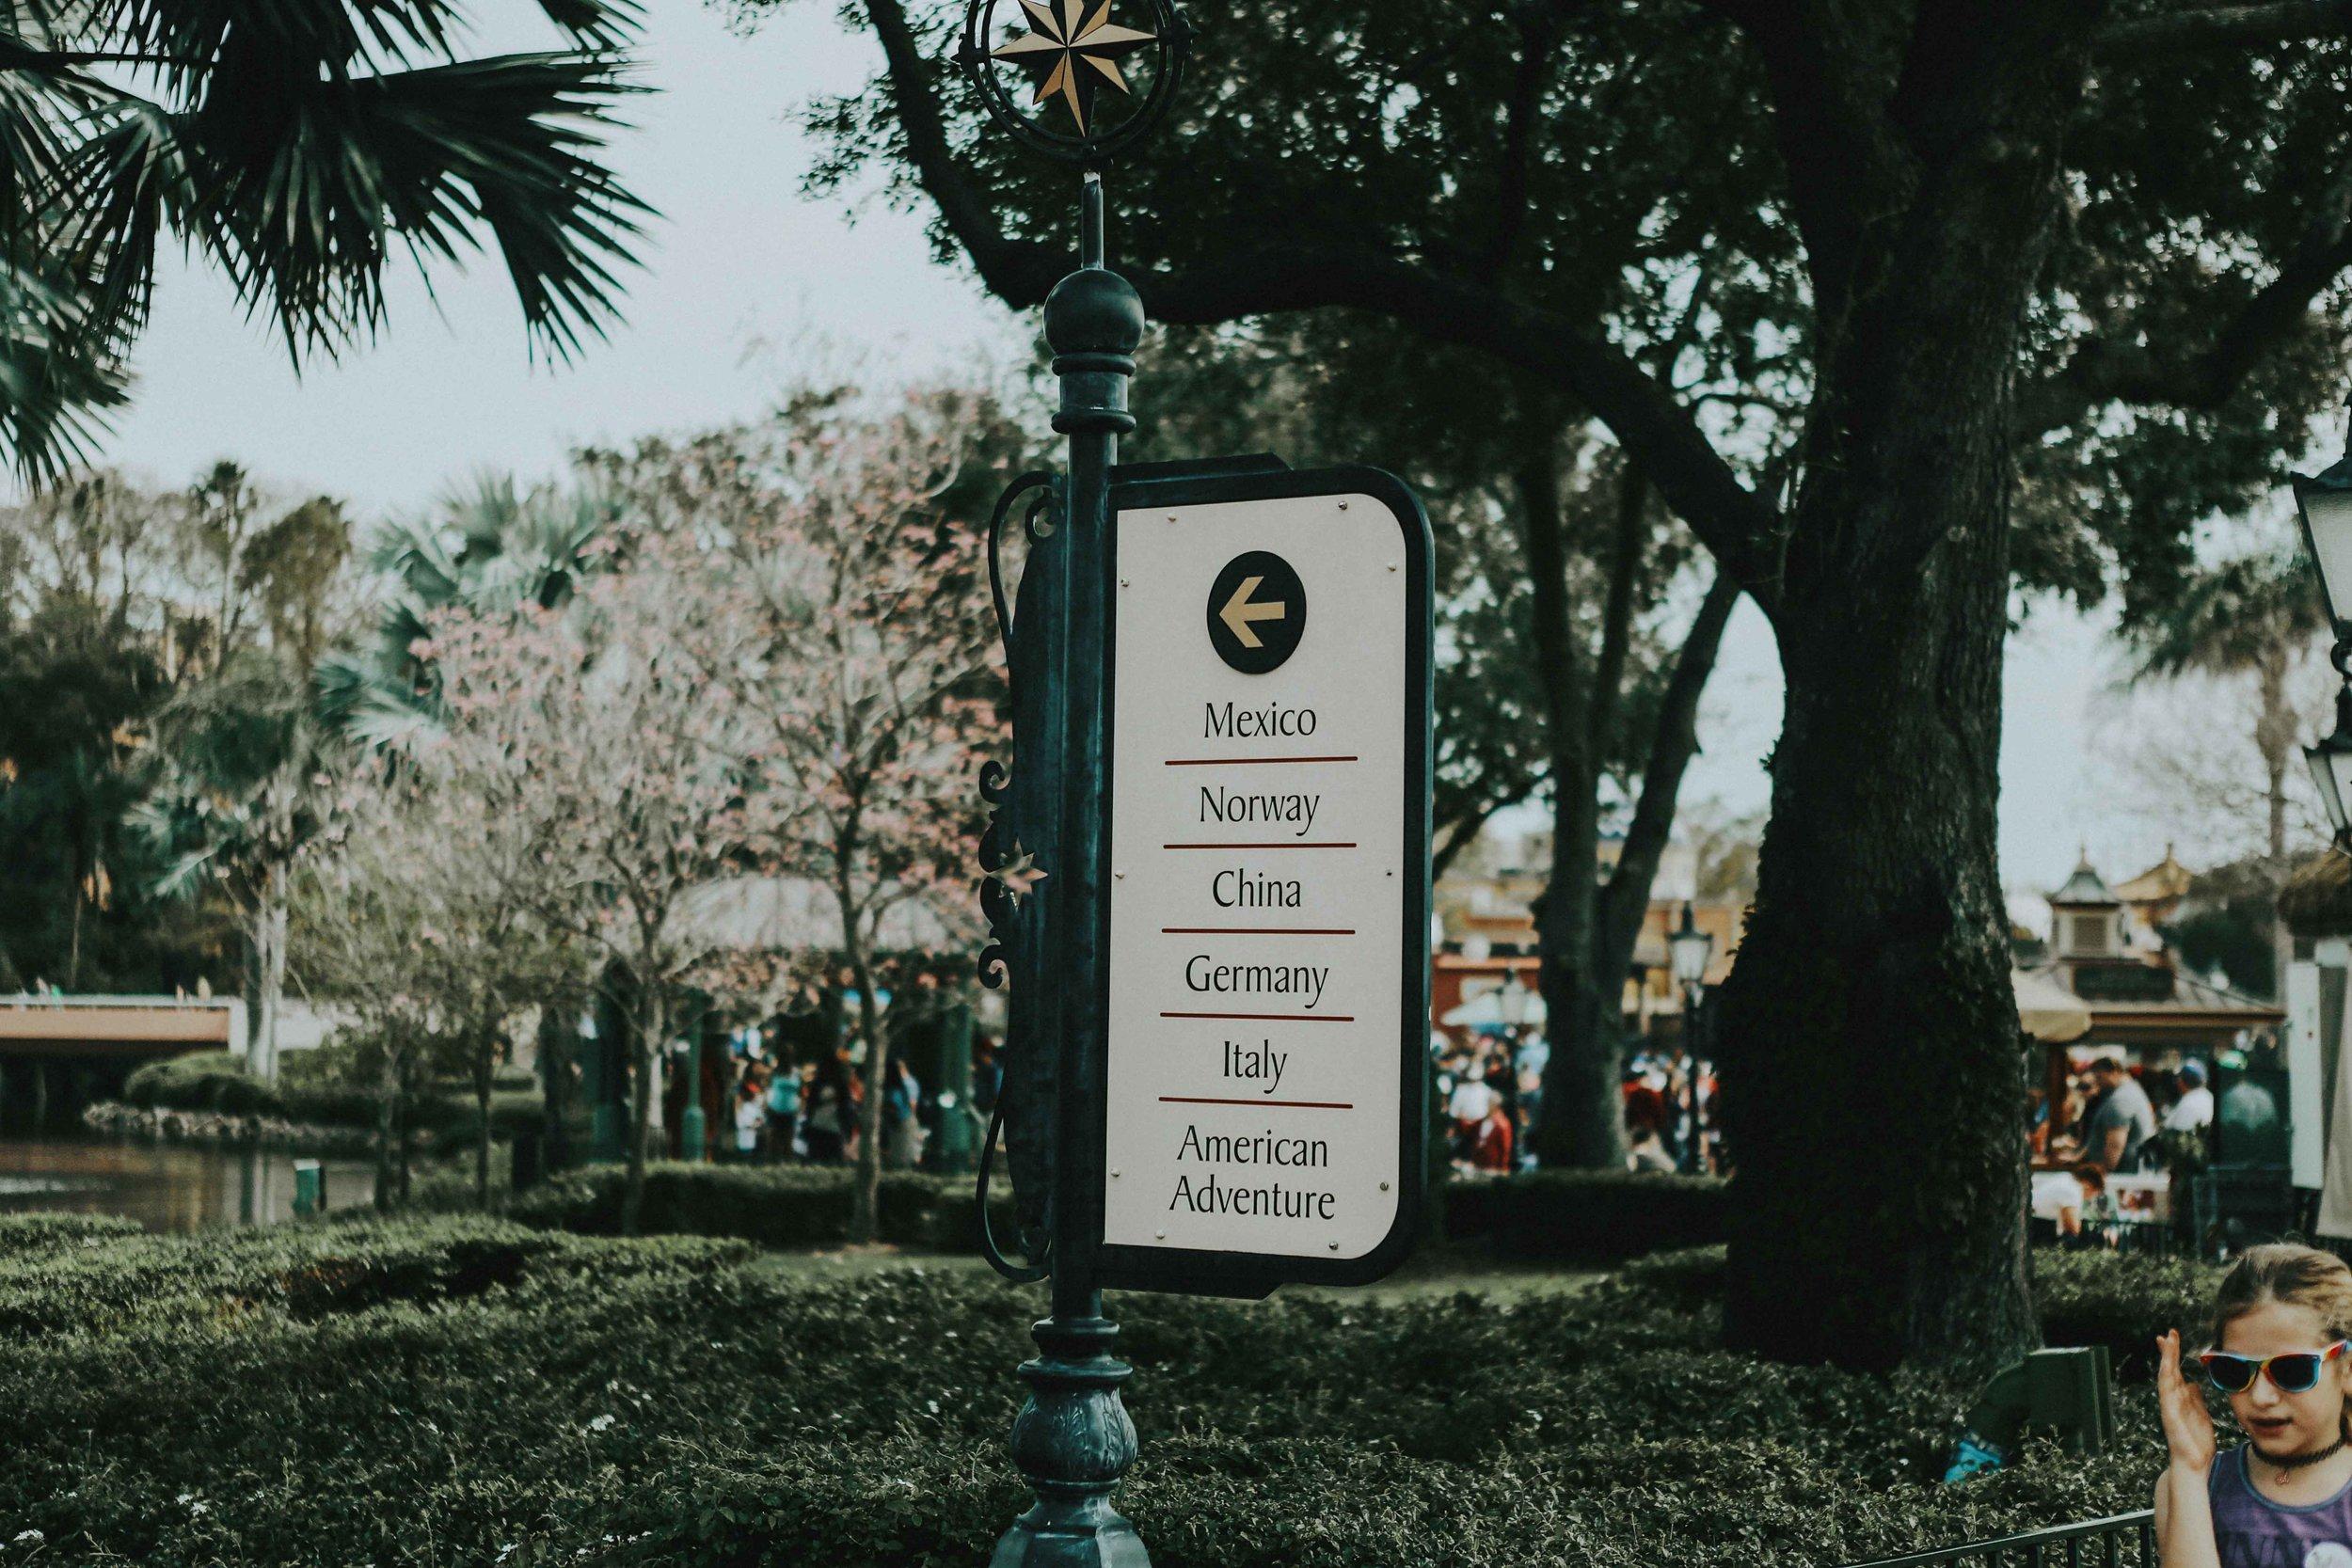 JPC_Trips_Orlando_Photos-0062.jpg